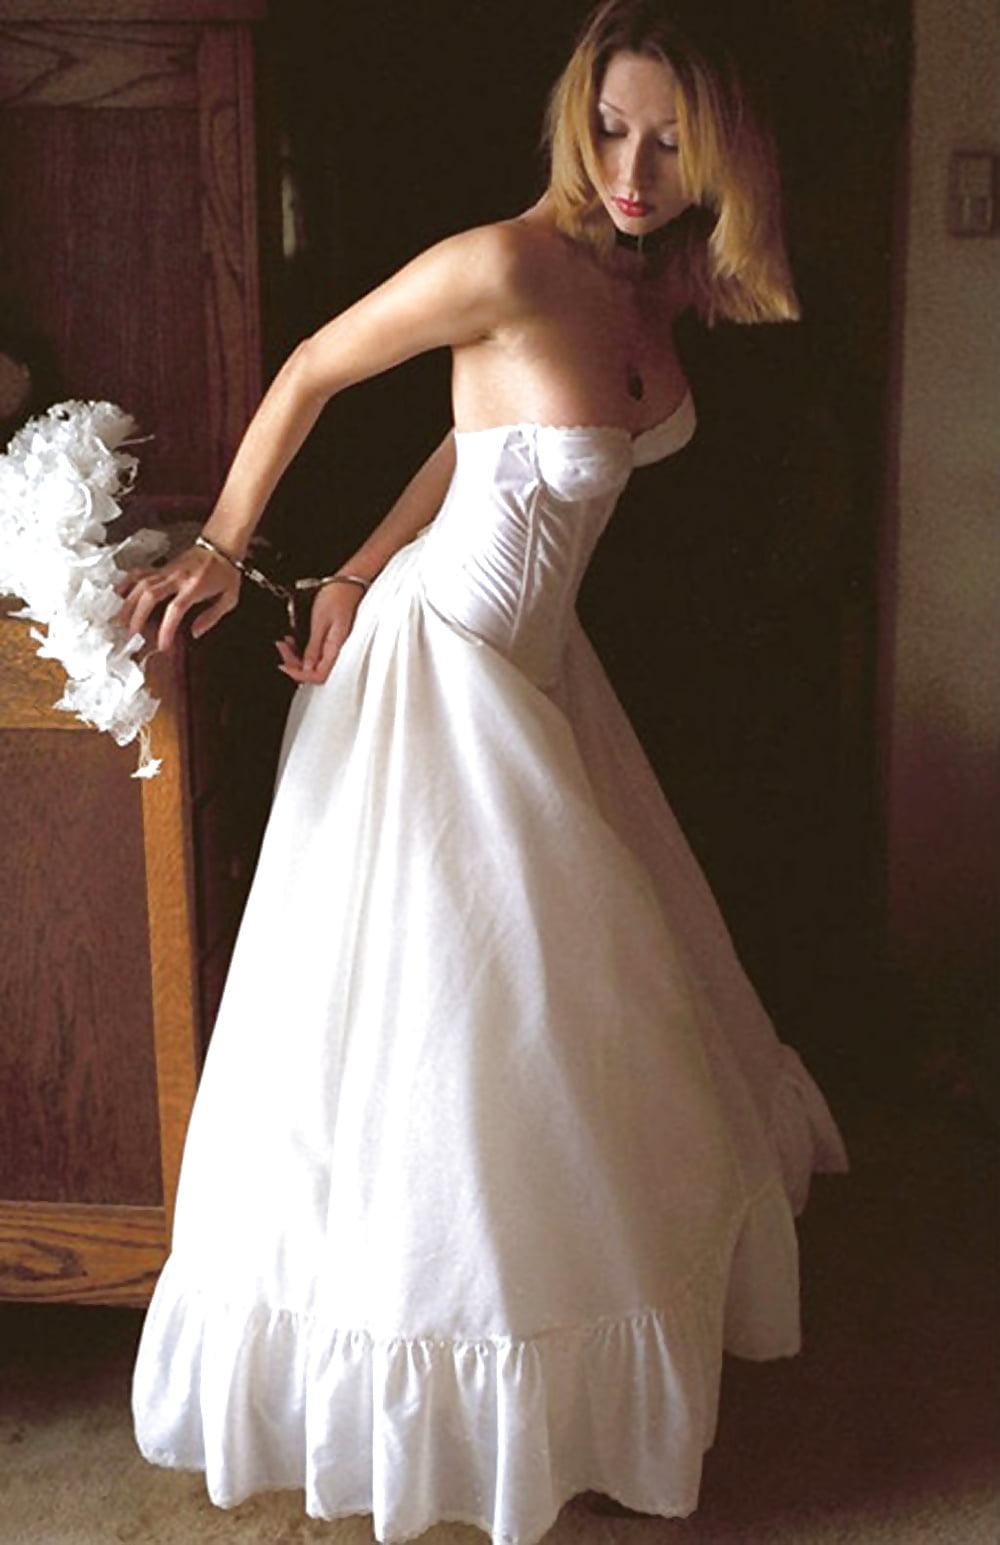 Бдсм фотосессия невесты, русский частный секс снятый на мобильный